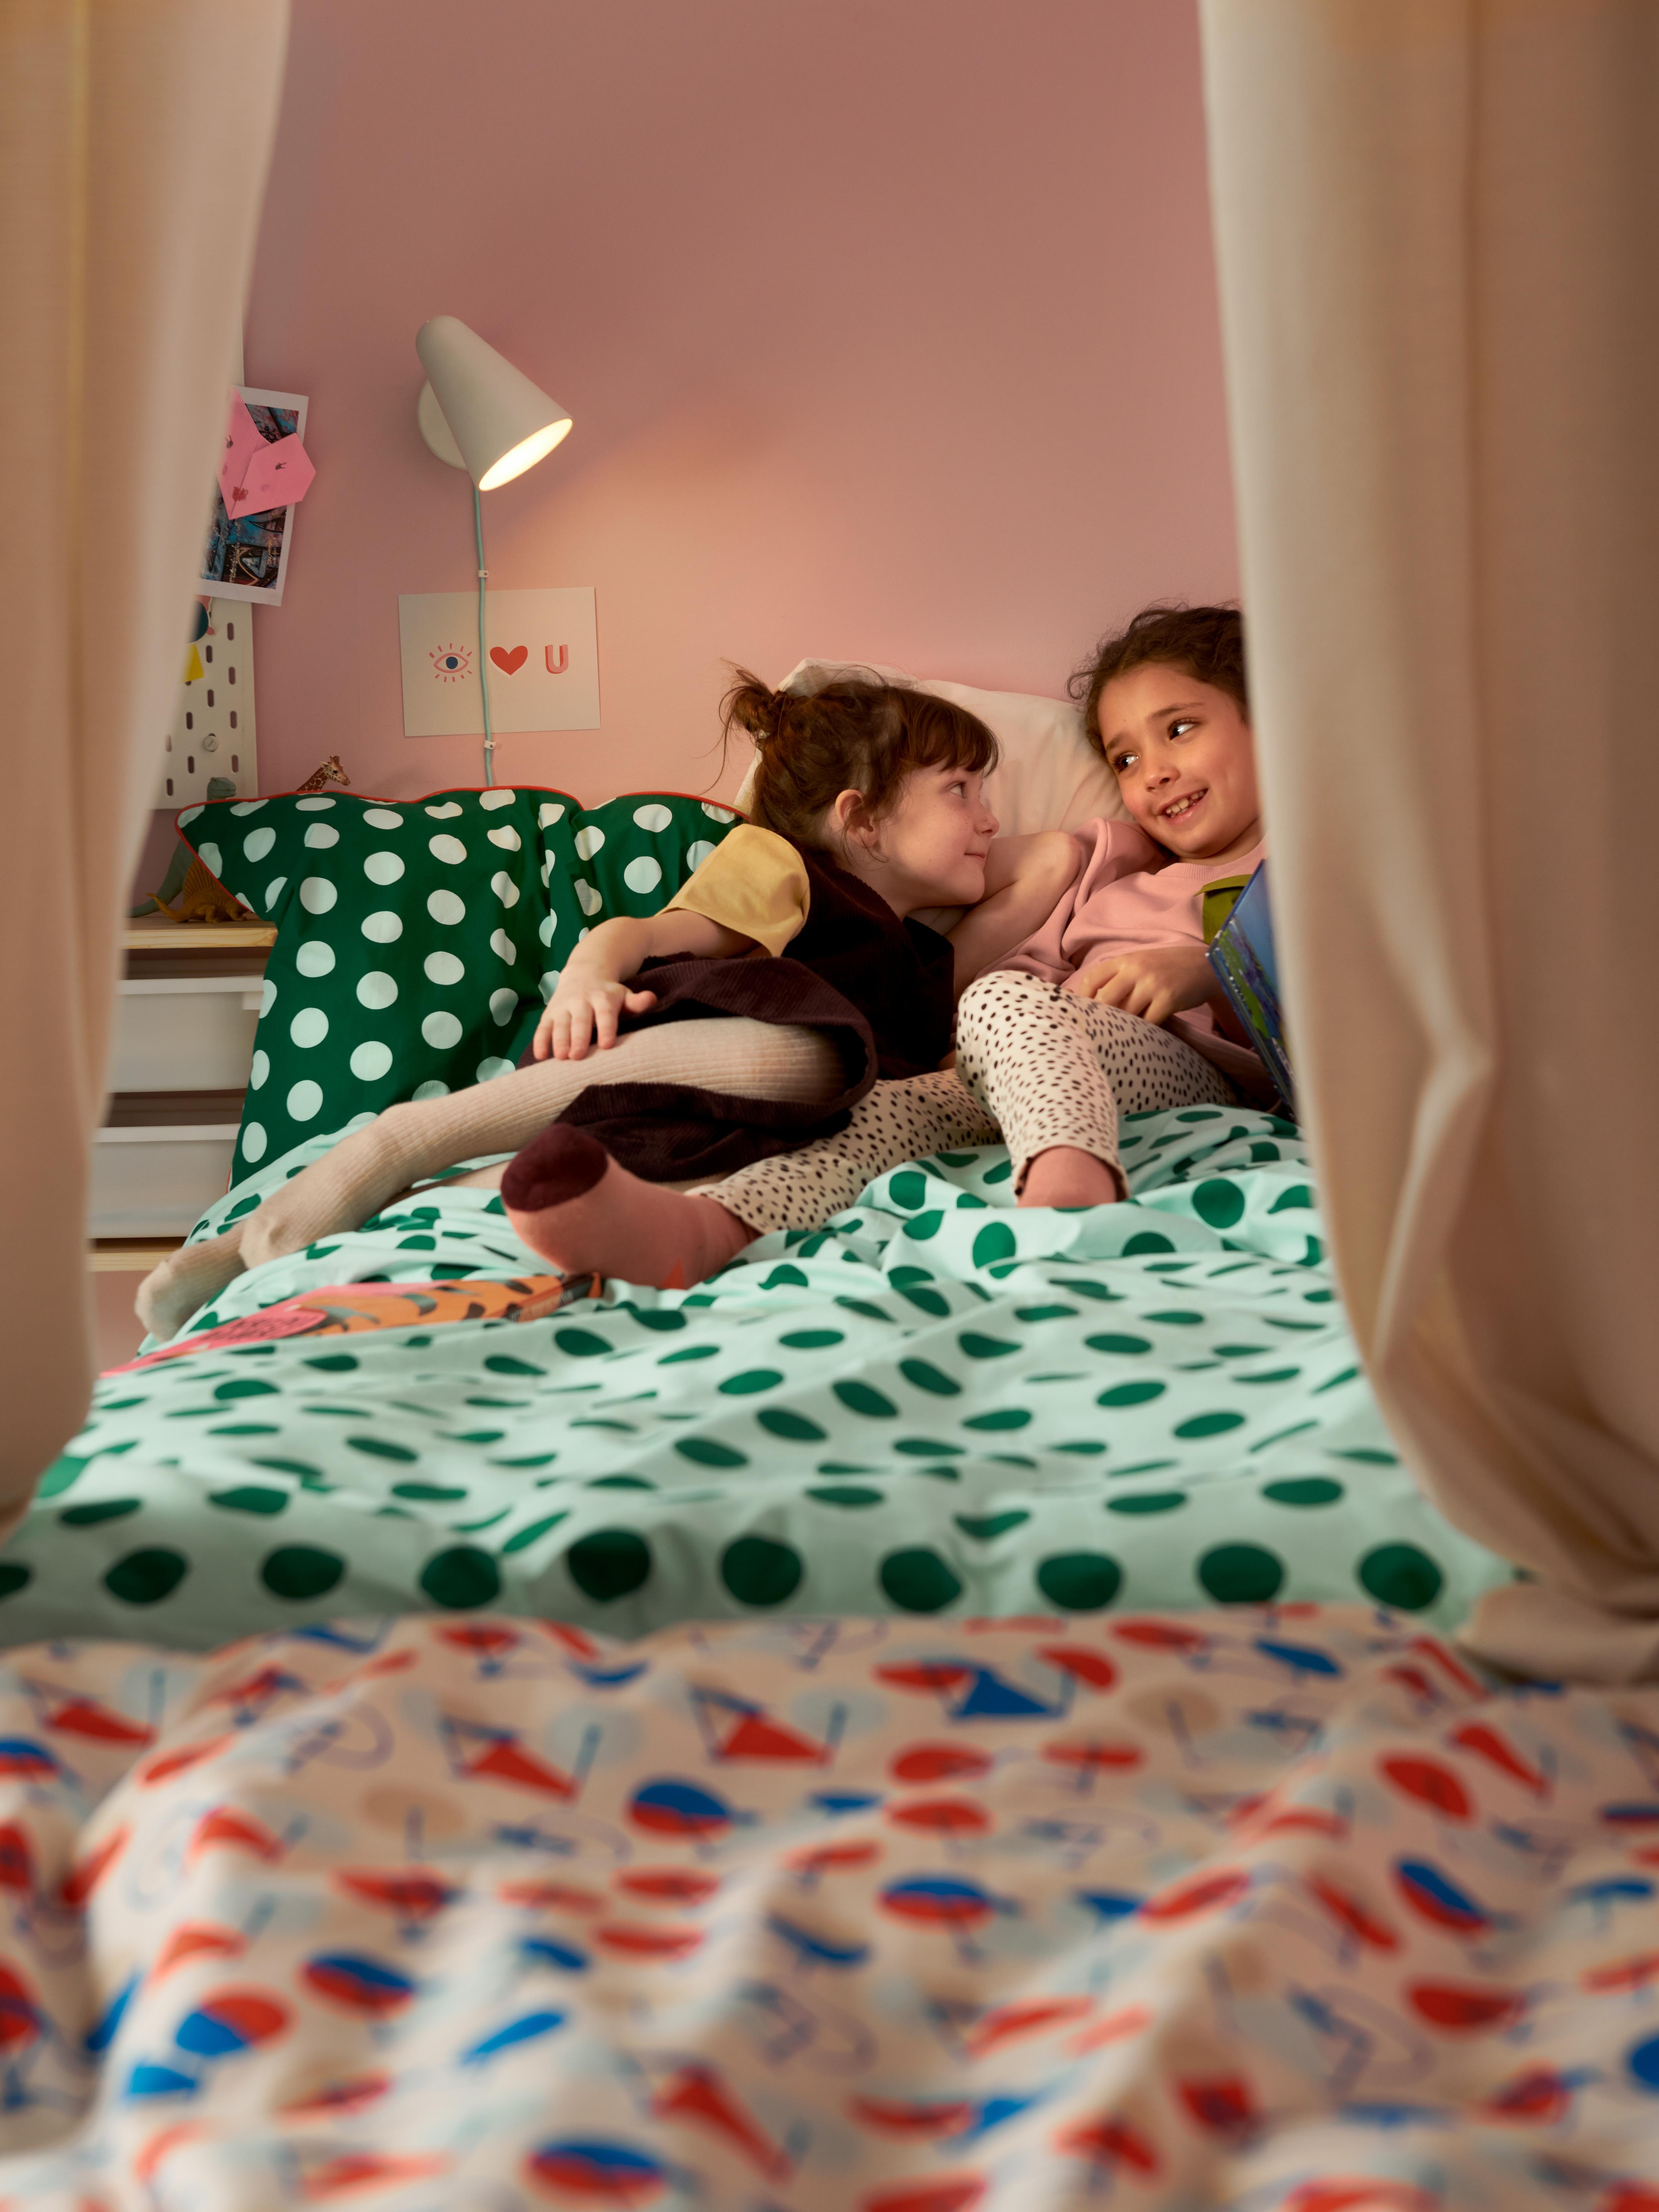 Zwei Mädchen entspannen sich in einem Bett mit bunter, grün gepunkteter Bettwäsche in einem farbenfrohen Kinderzimmer.